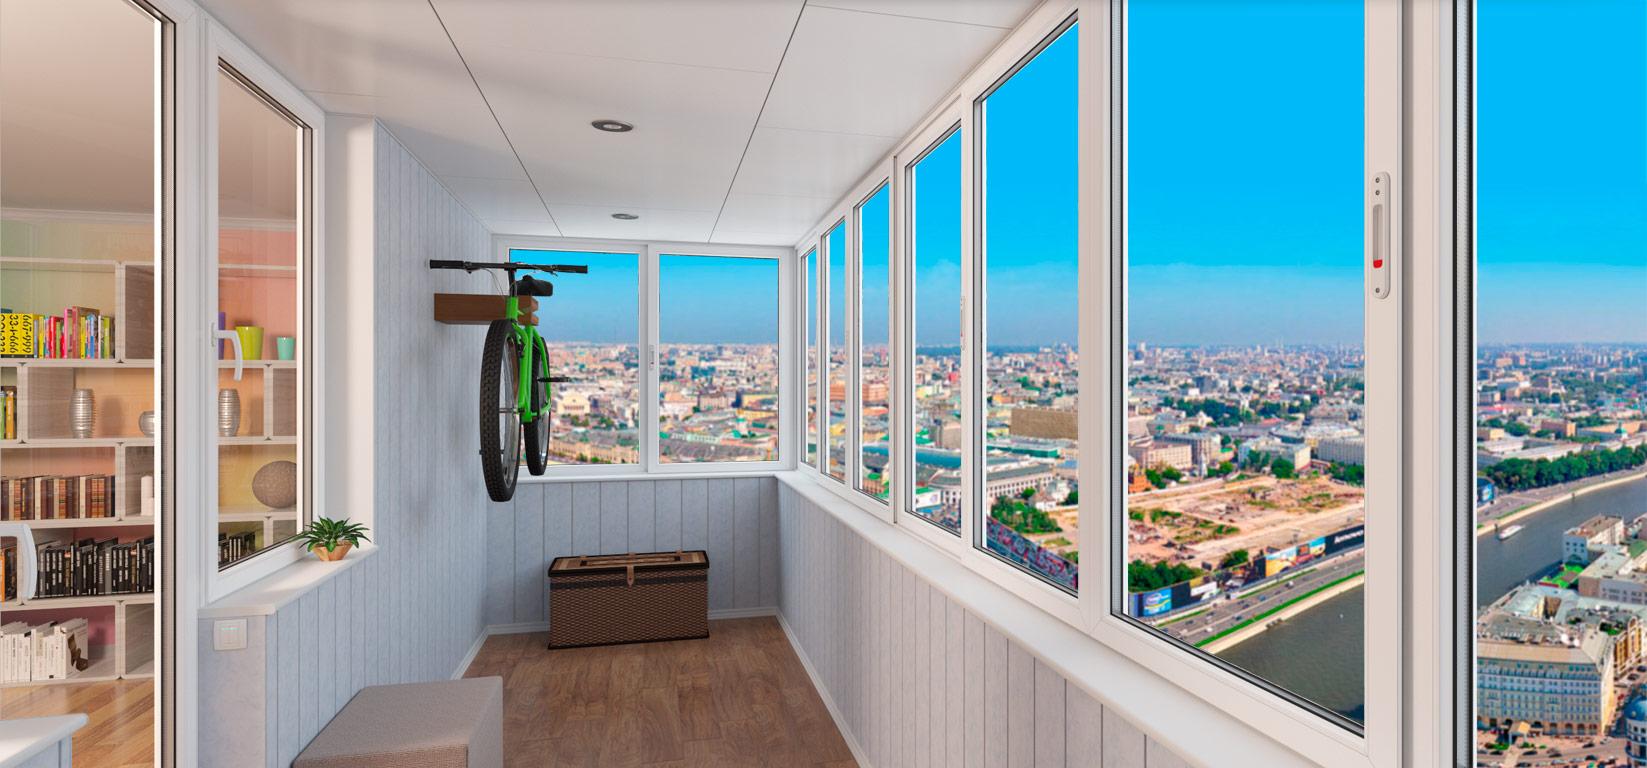 Остекление балконов и лоджий в обнинске пластиковыми окнами .